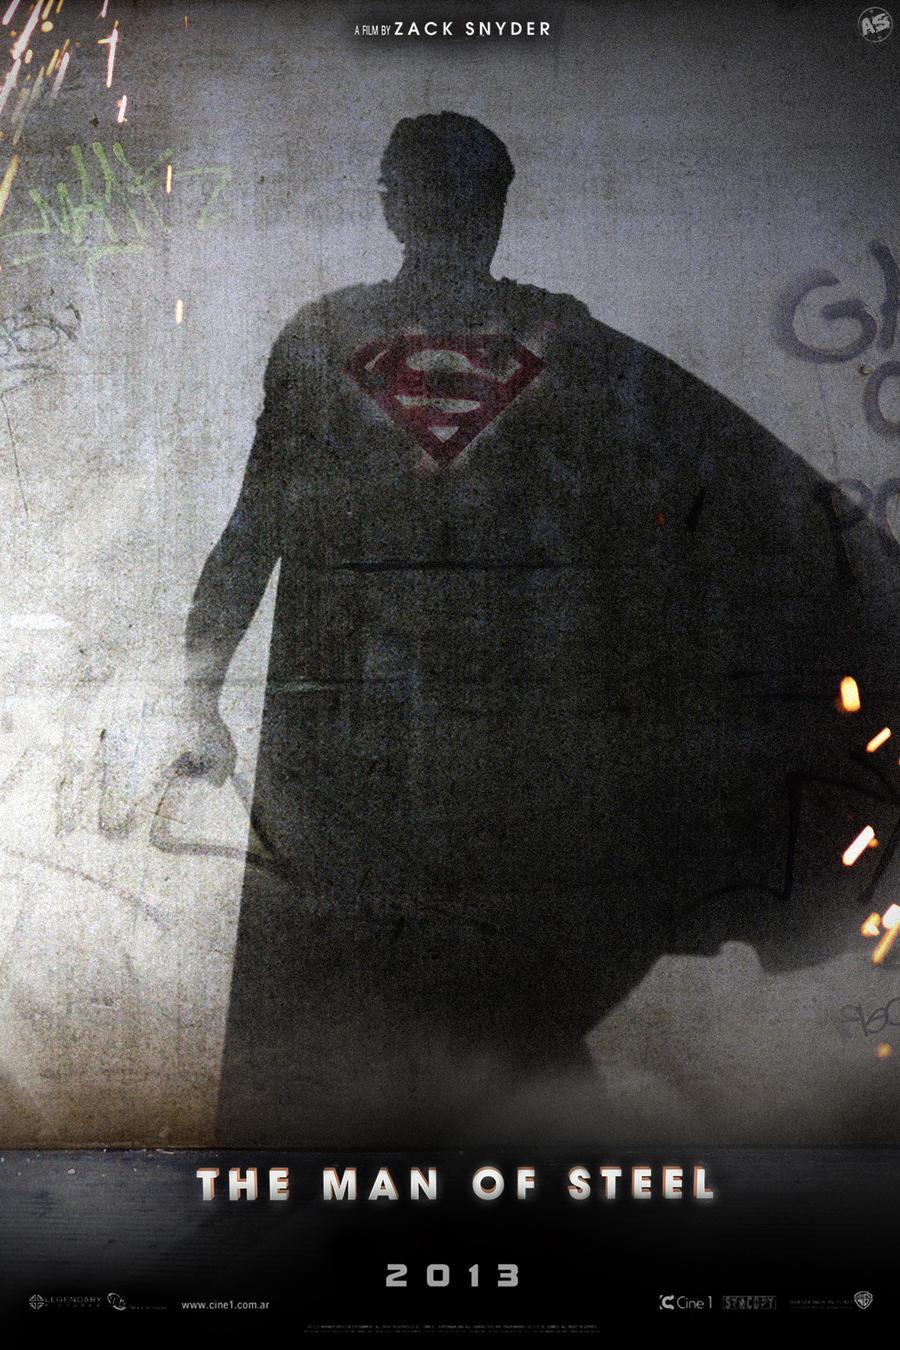 'Man of Steel' teaser poster